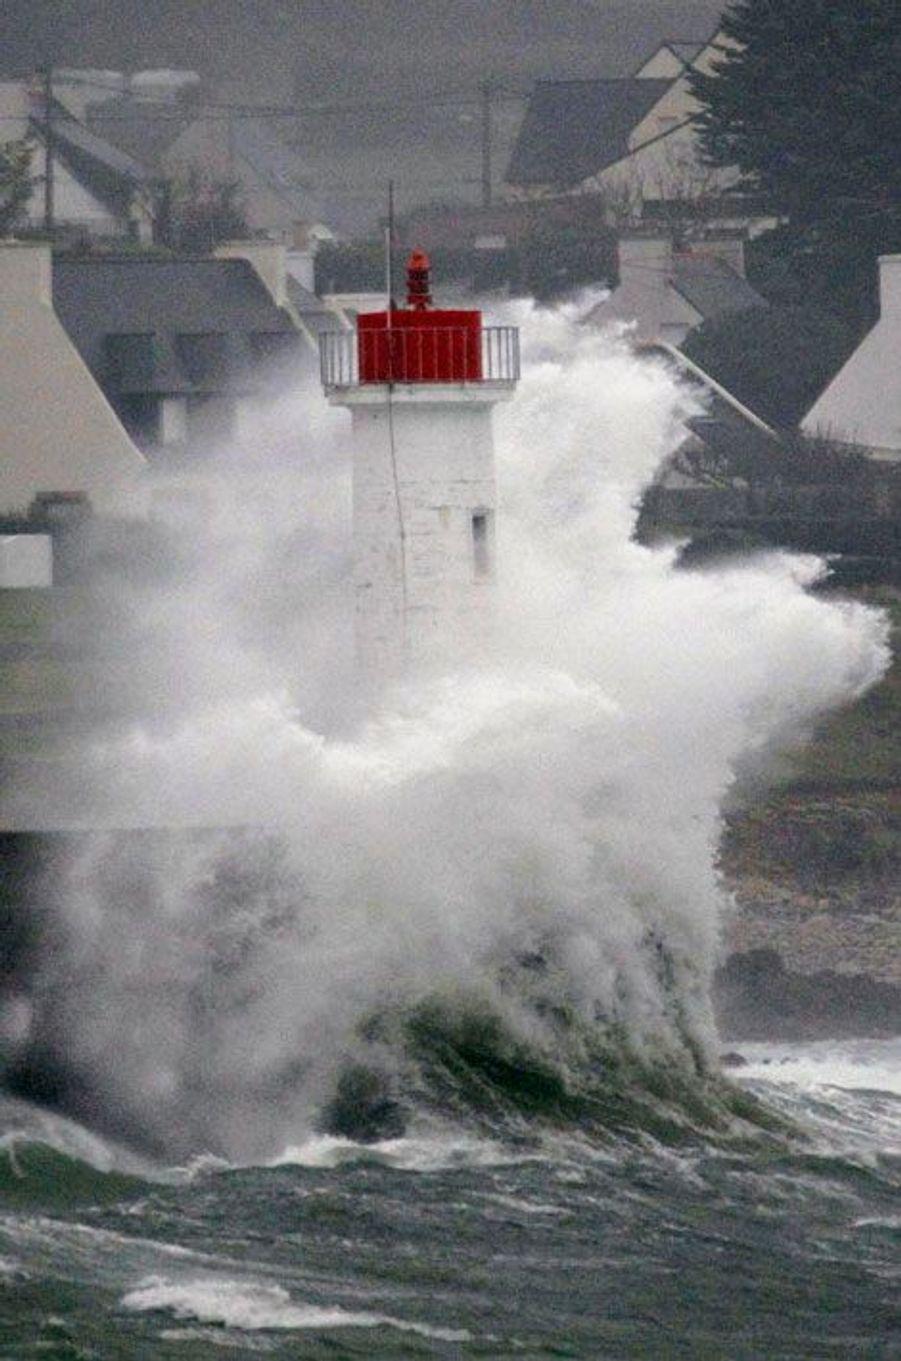 La tempête Dirk ravage les côtes françaises